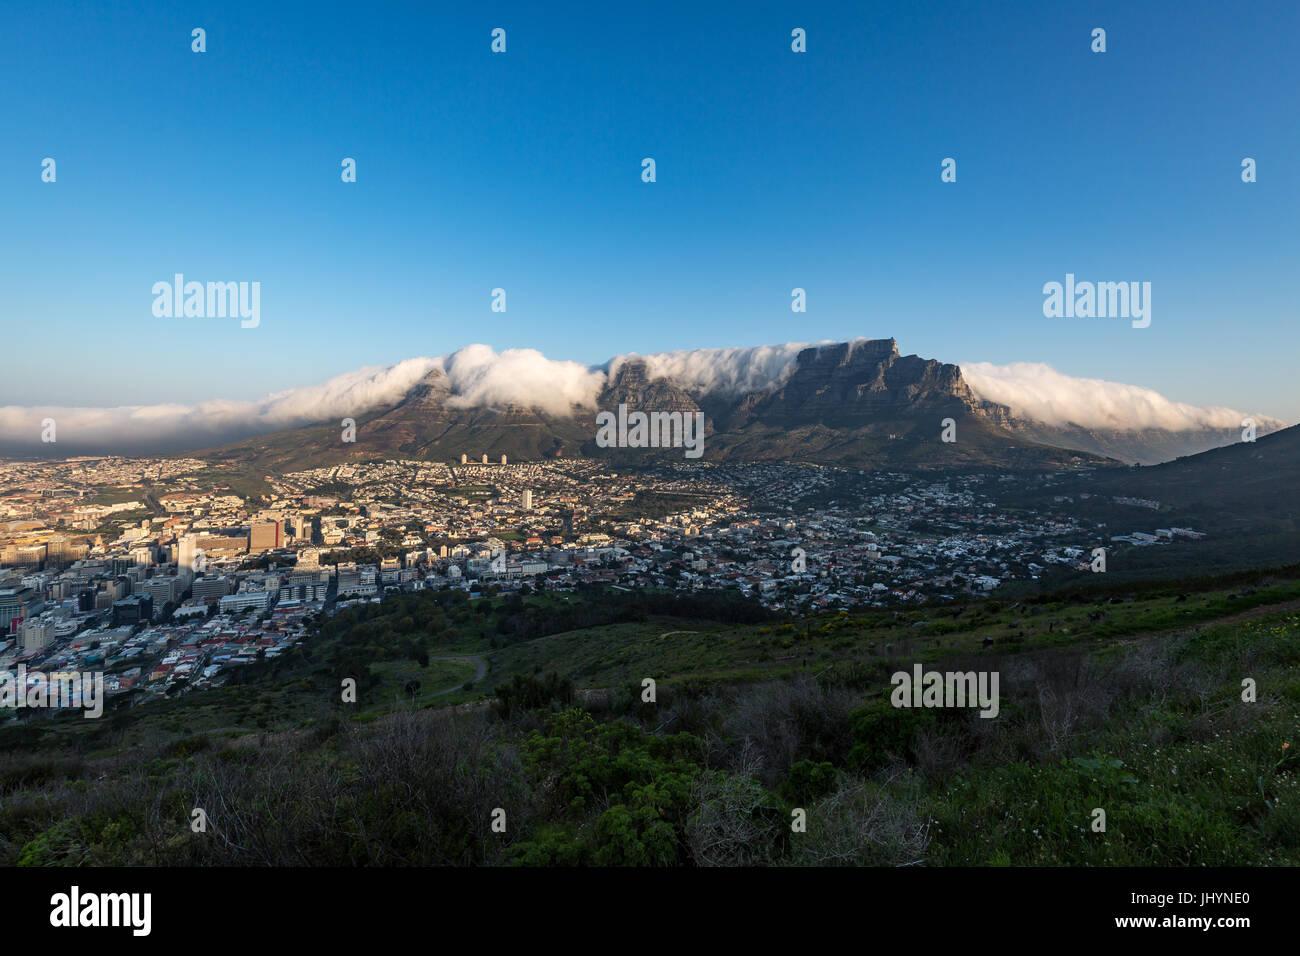 La montaña de la mesa cubiertos con un mantel de nubes orográficas, Cape Town, Sudáfrica, África Imagen De Stock